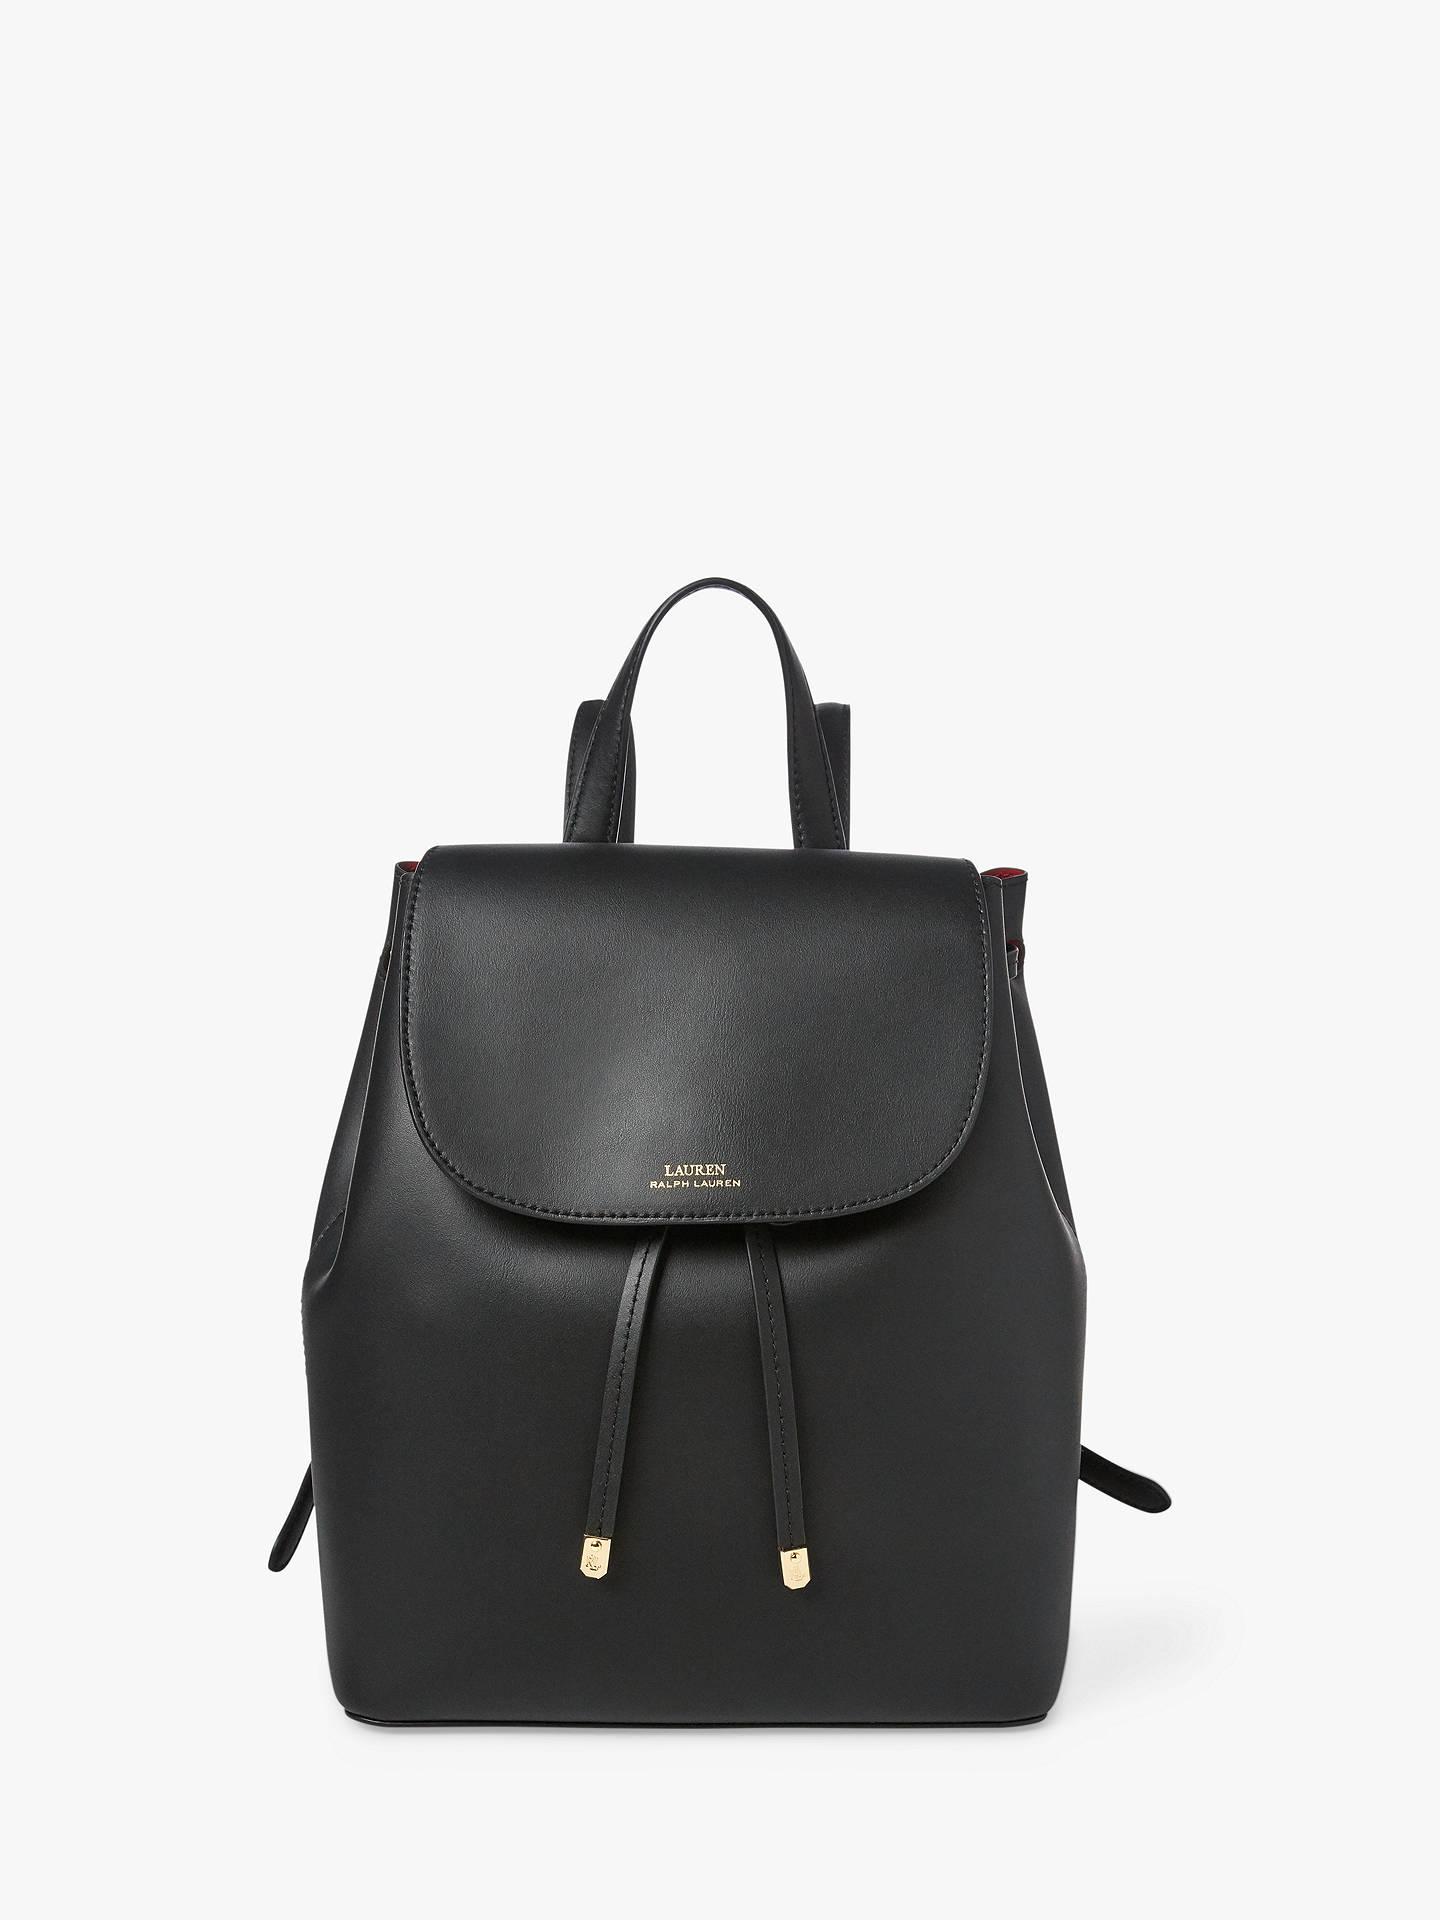 lauren-ralph-lauren-dryden-leather-backpack,-black_crimson by ralph-lauren